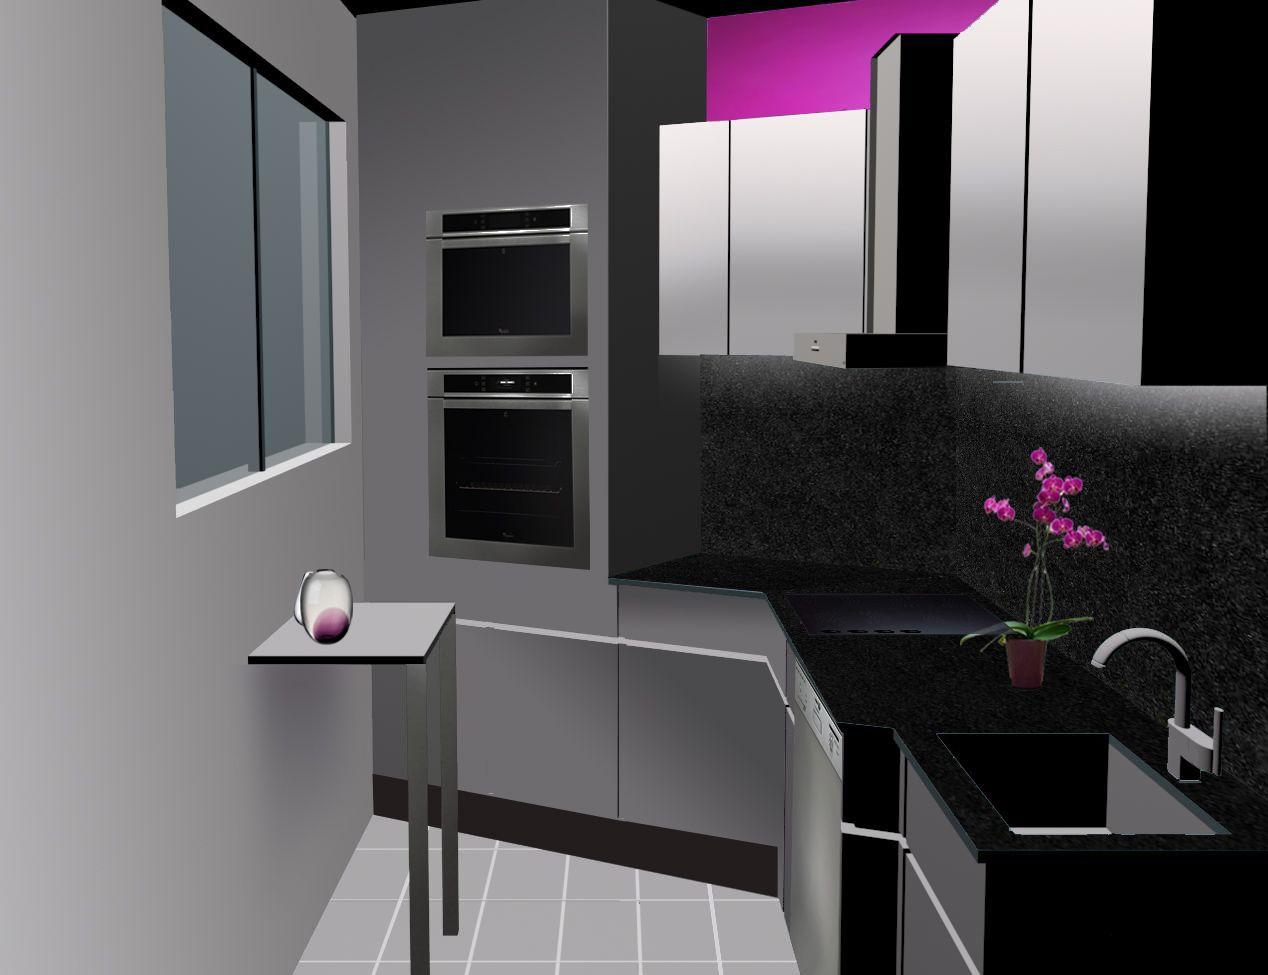 persjpg pixels cuisine pinterest amenagement petit espace decoration cuisine et espaces. Black Bedroom Furniture Sets. Home Design Ideas